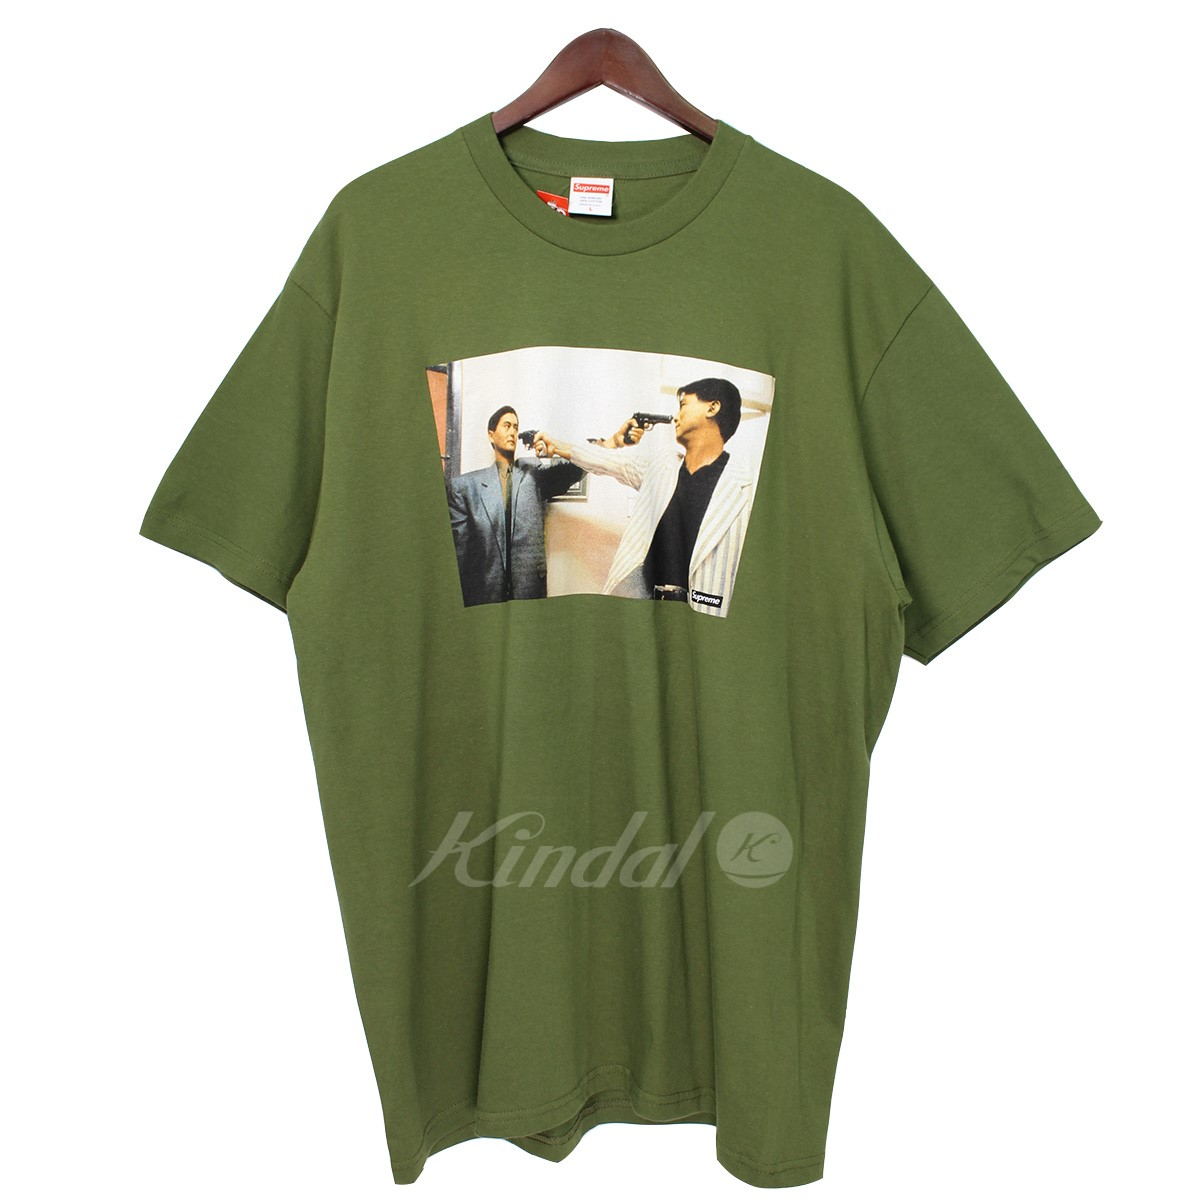 【中古】SUPREME 18AW The Killer Trust Tee ザキラートラストTシャツ カーキ サイズ:M 【送料無料】 【151118】(シュプリーム)